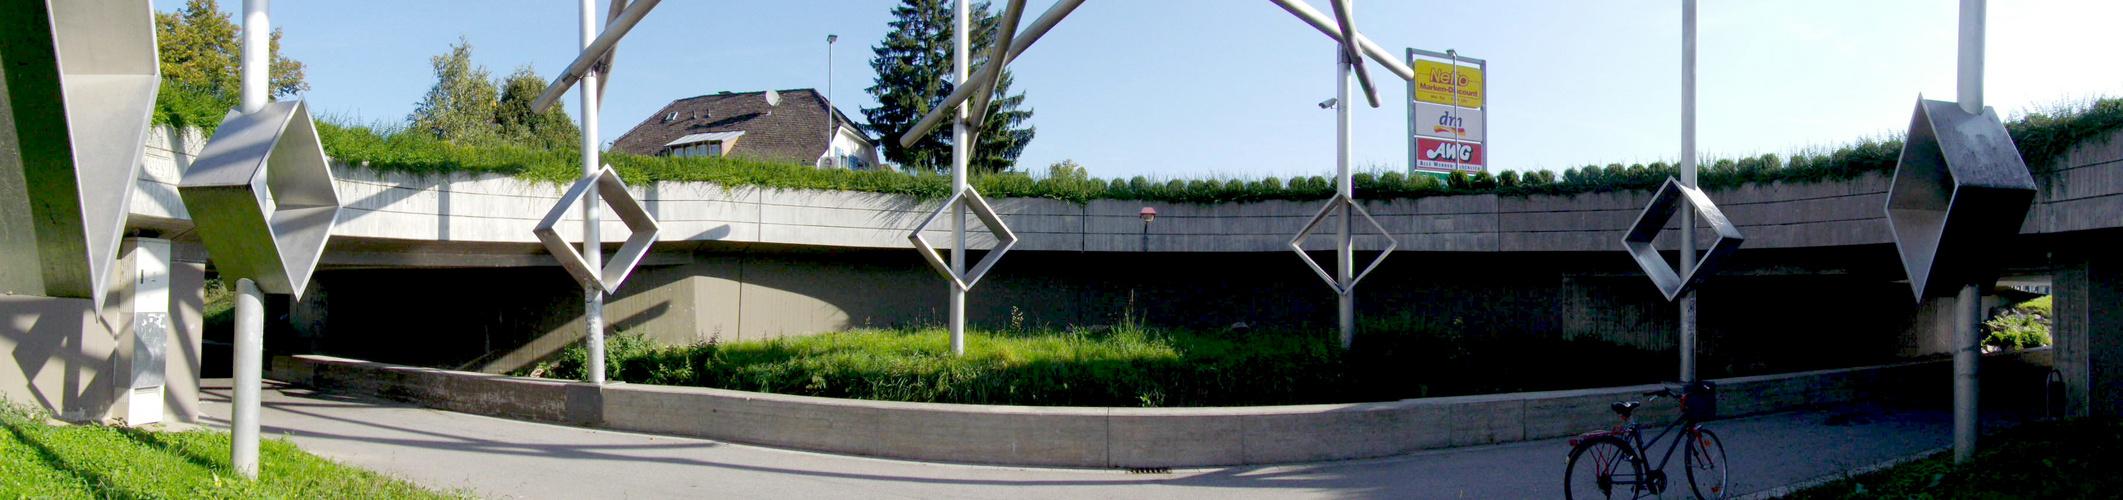 Malteserkreisel in Heitersheim (I)